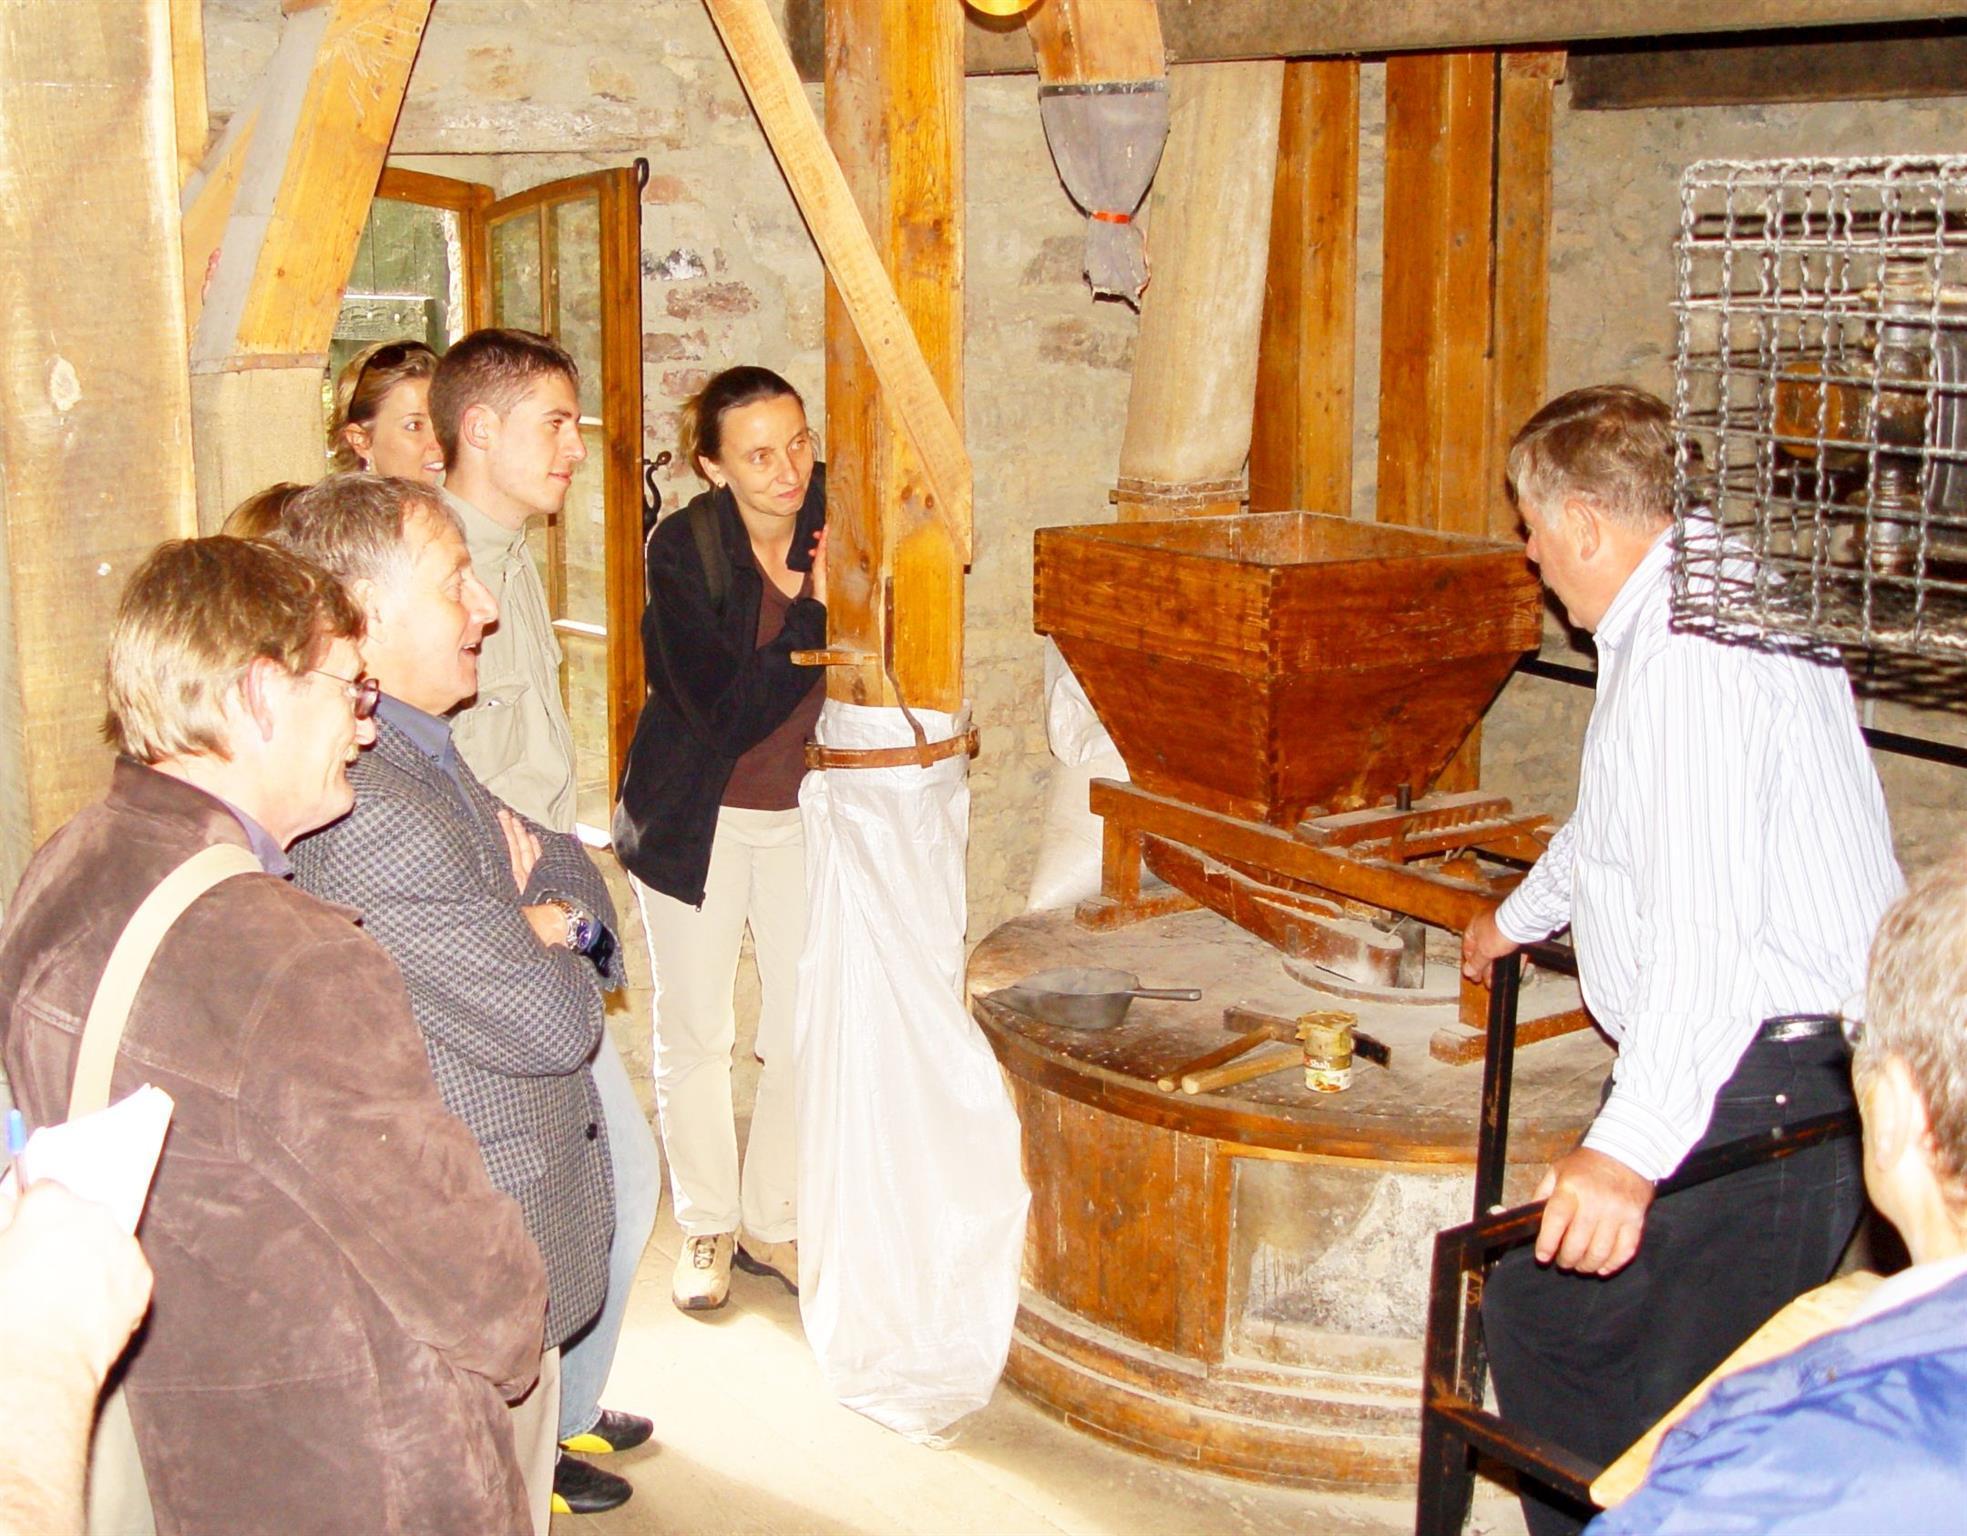 Bauer, Müller, Bäcker Fritz, @ Naturzentrum Eifel